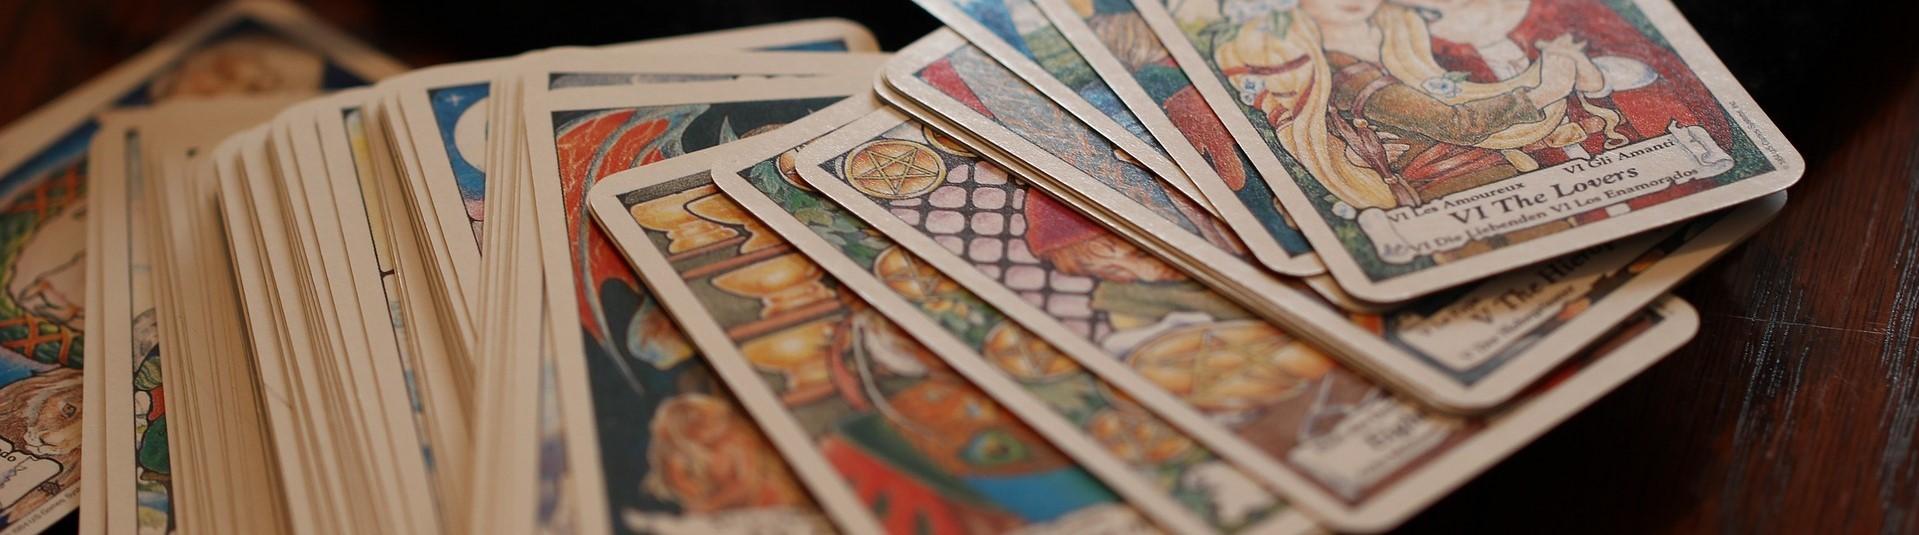 Image of tarot cards